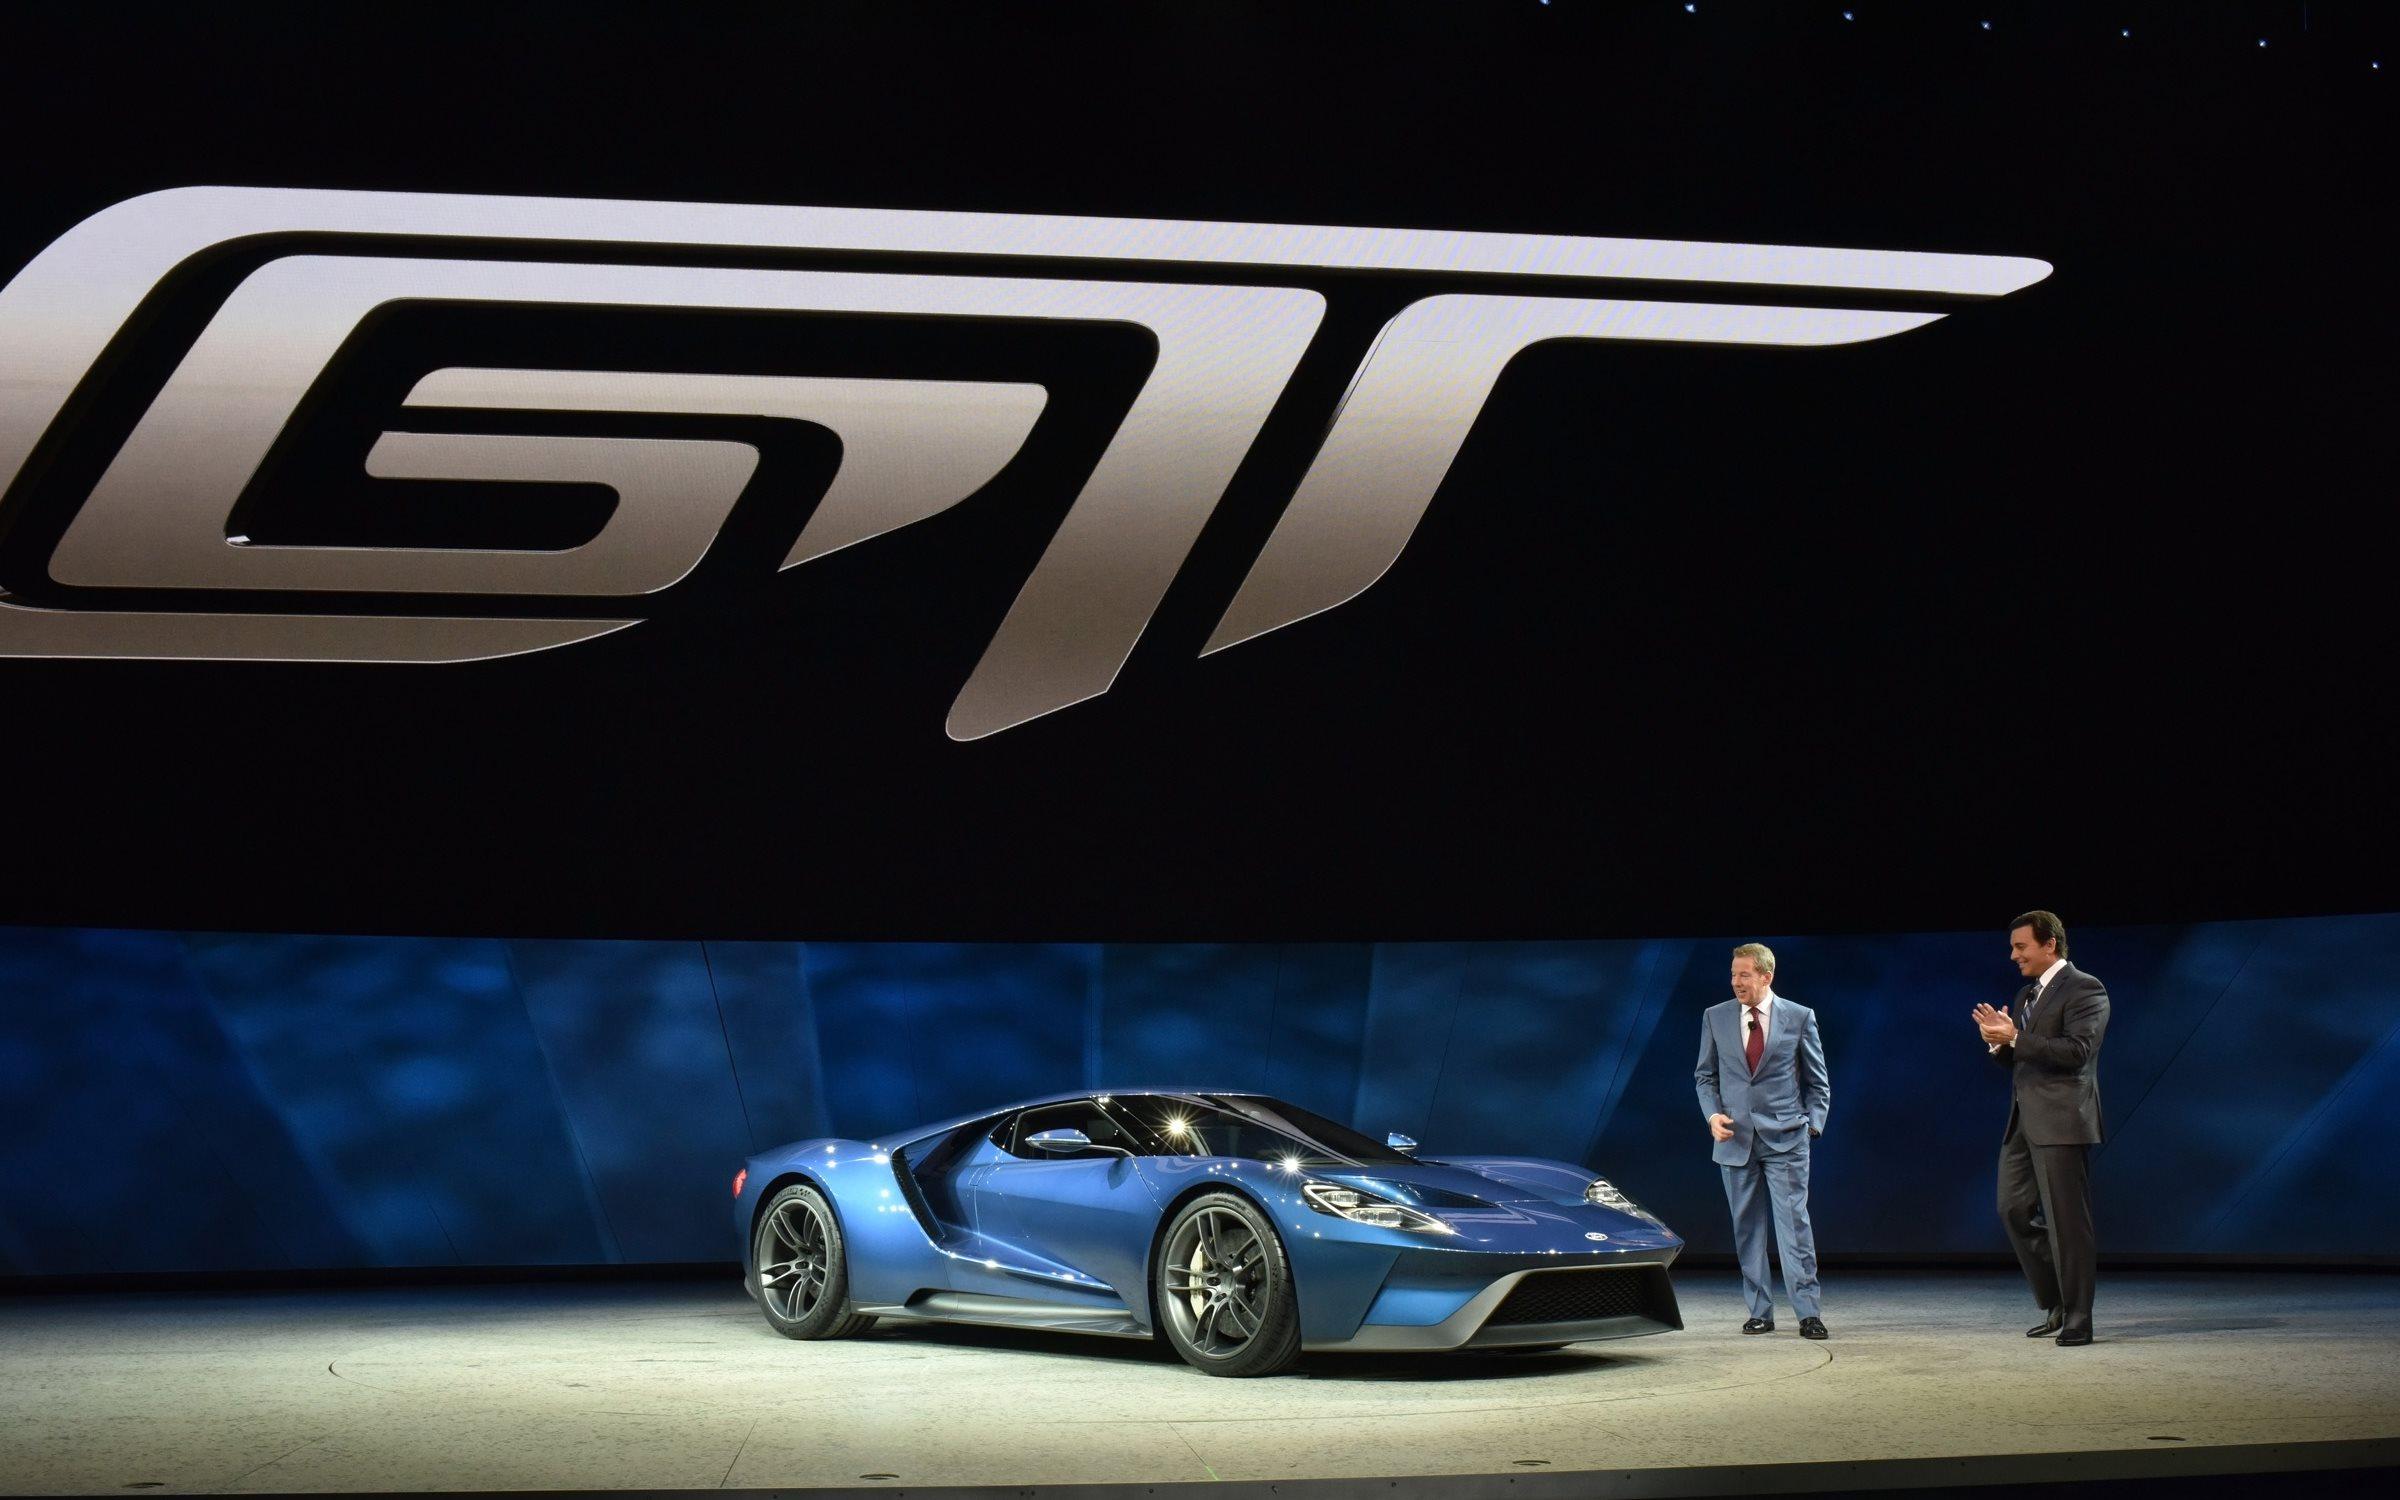 Компания Ford приняла 7 000 заявок на покупку пятисот суперкаров GT 1